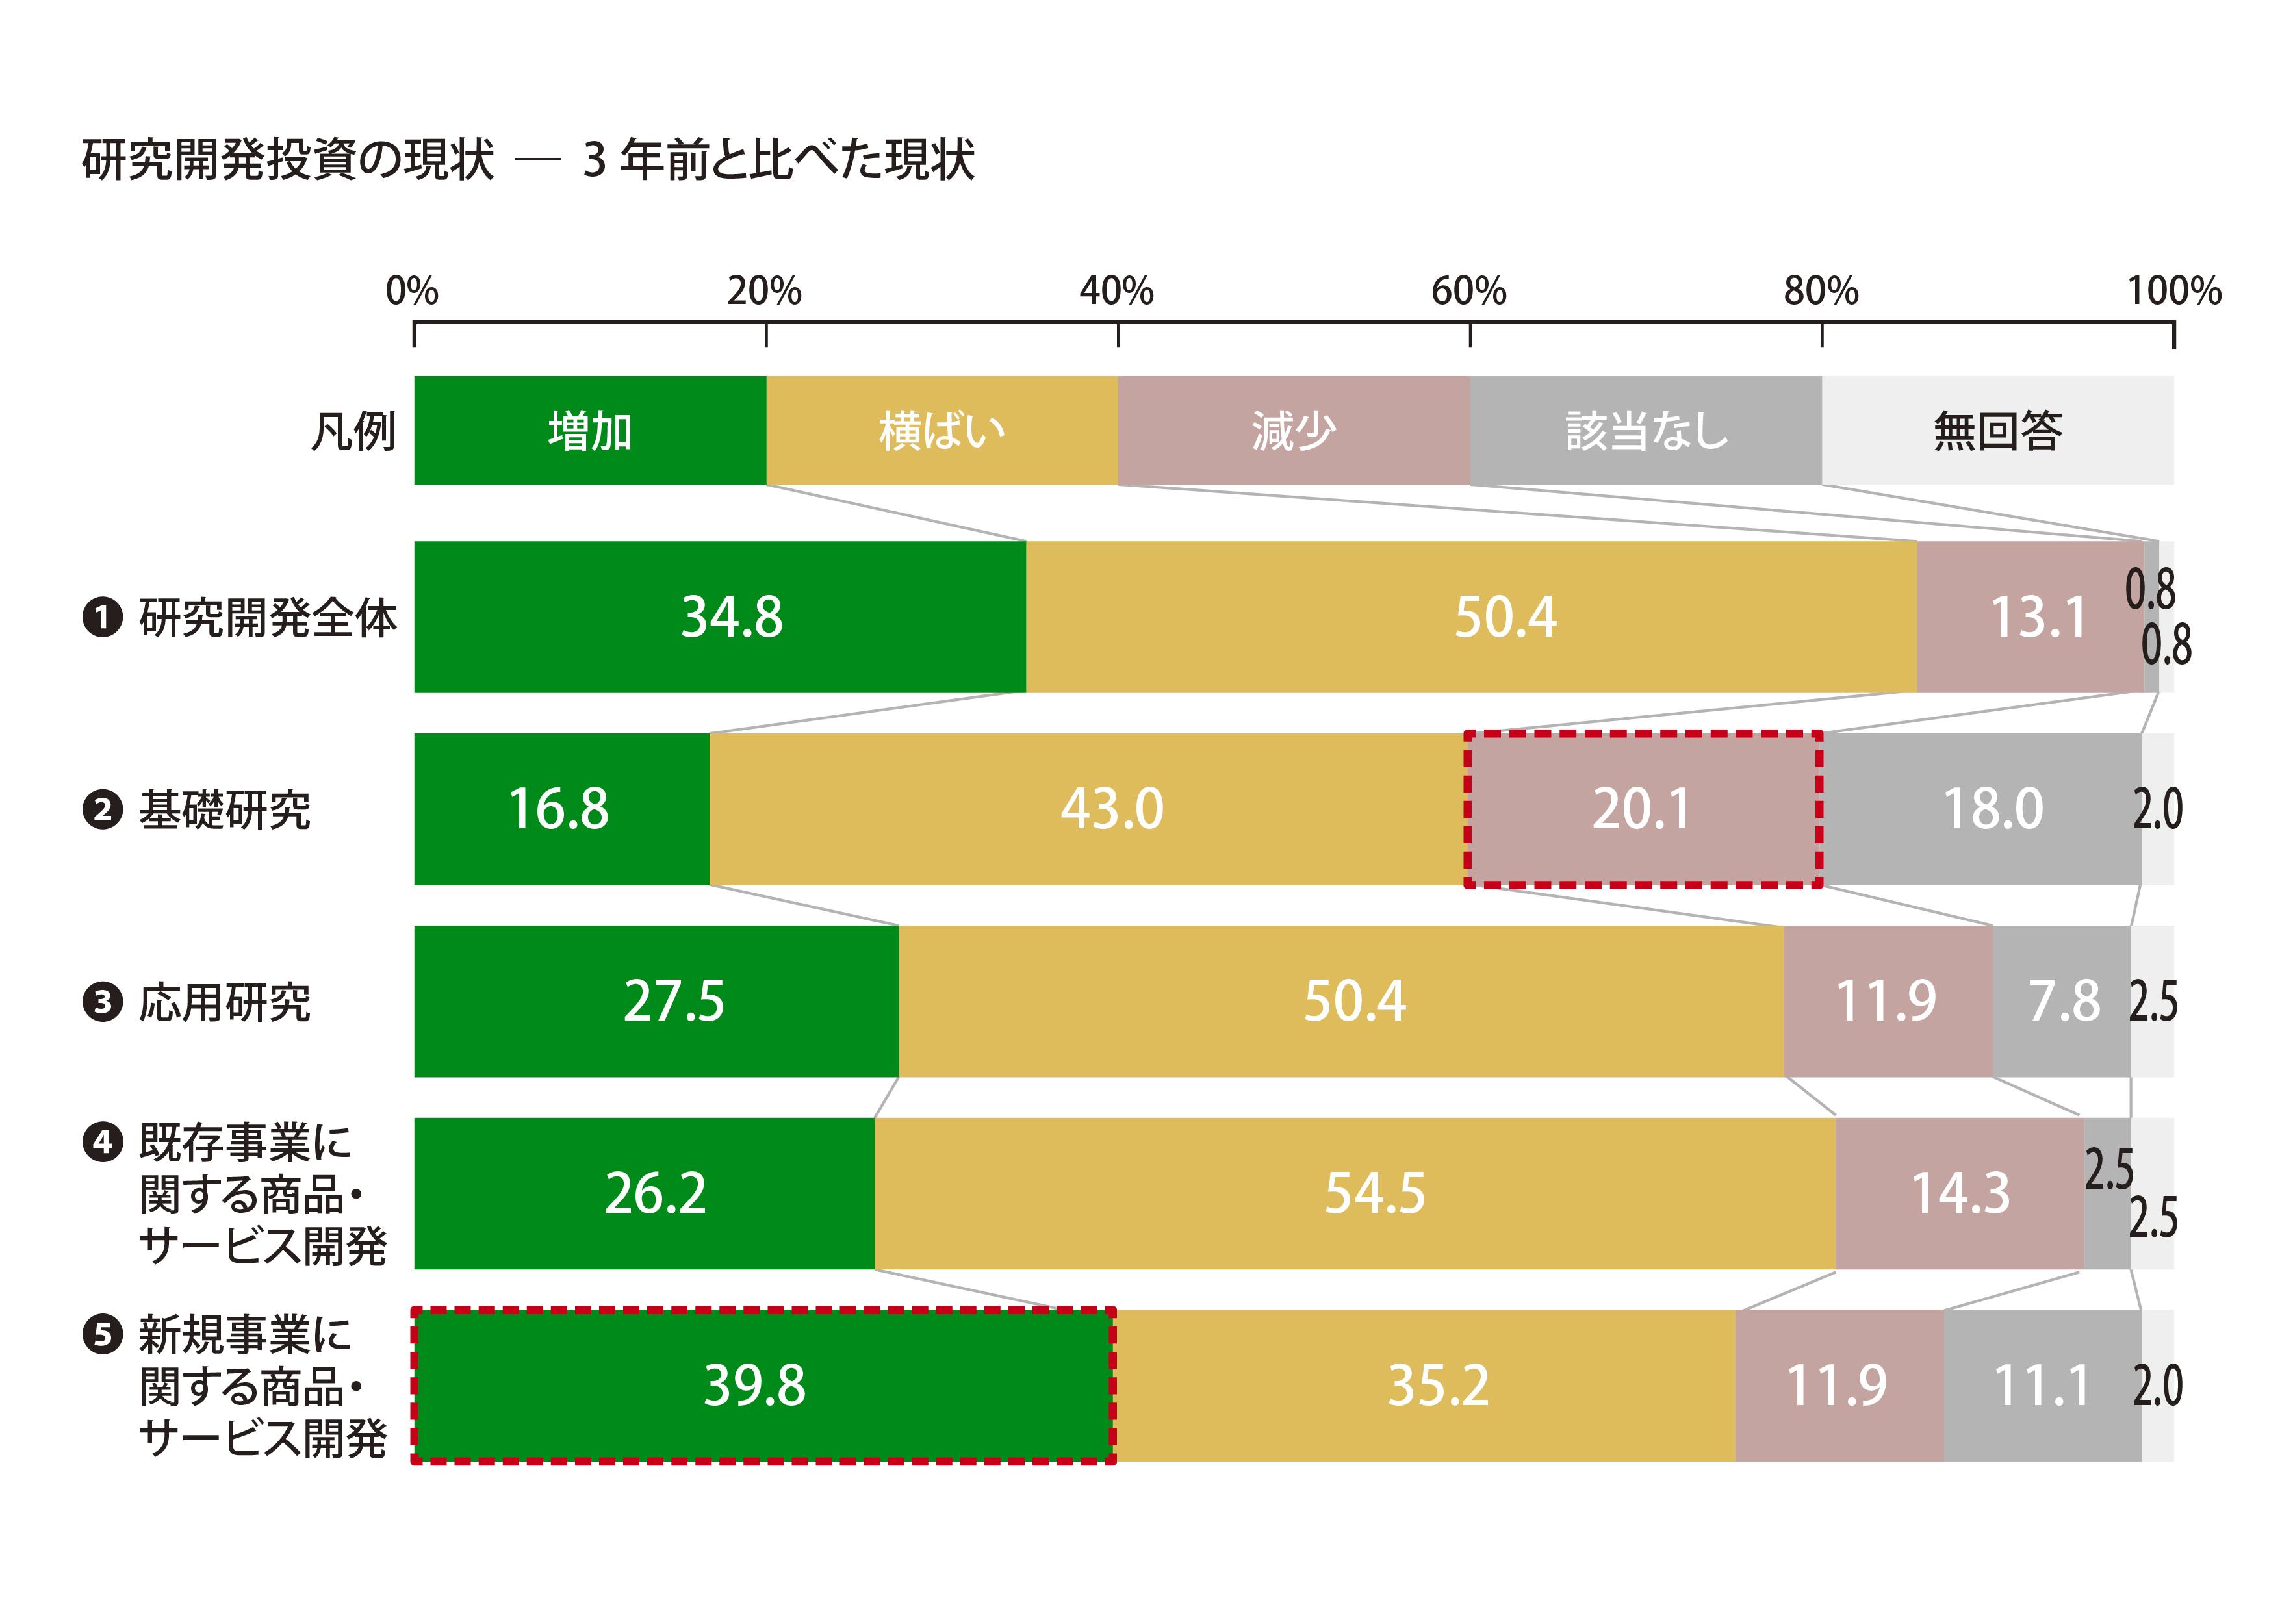 研究開発投資の現状を3年前と比べた場合、「減少」の回答が最も多かったのは20.1%で「基礎研究」であった。一方「増加」の回答が最も多かったのは39.8%で「新規事業に関する商品・サービス開発」であった